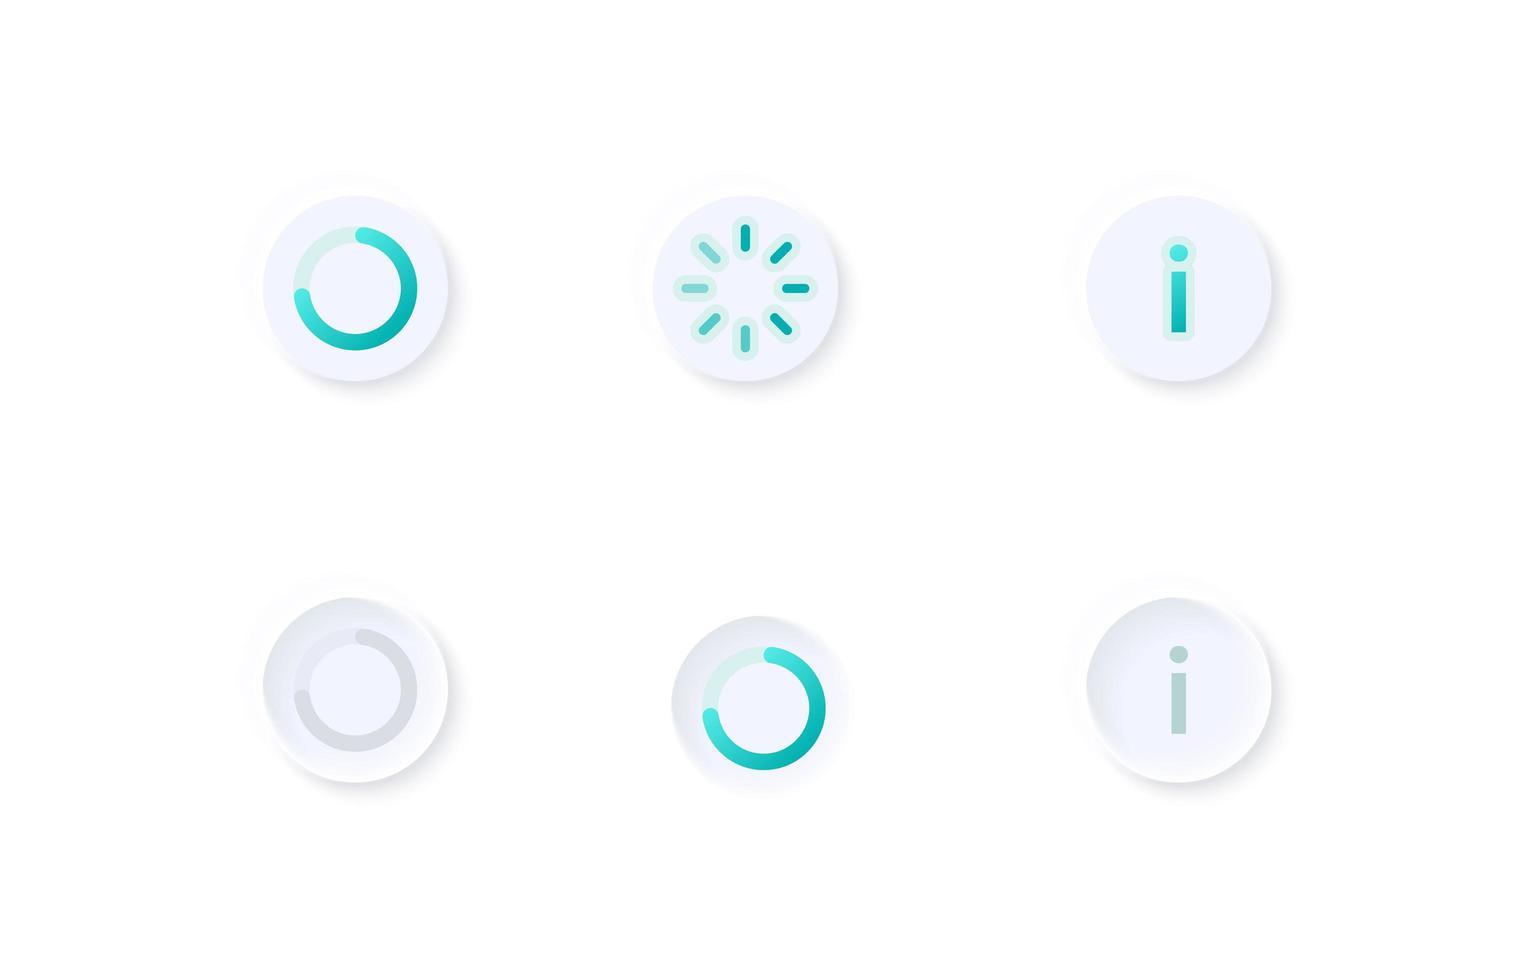 kit d'éléments d'interface utilisateur de cercles de progrès vecteur